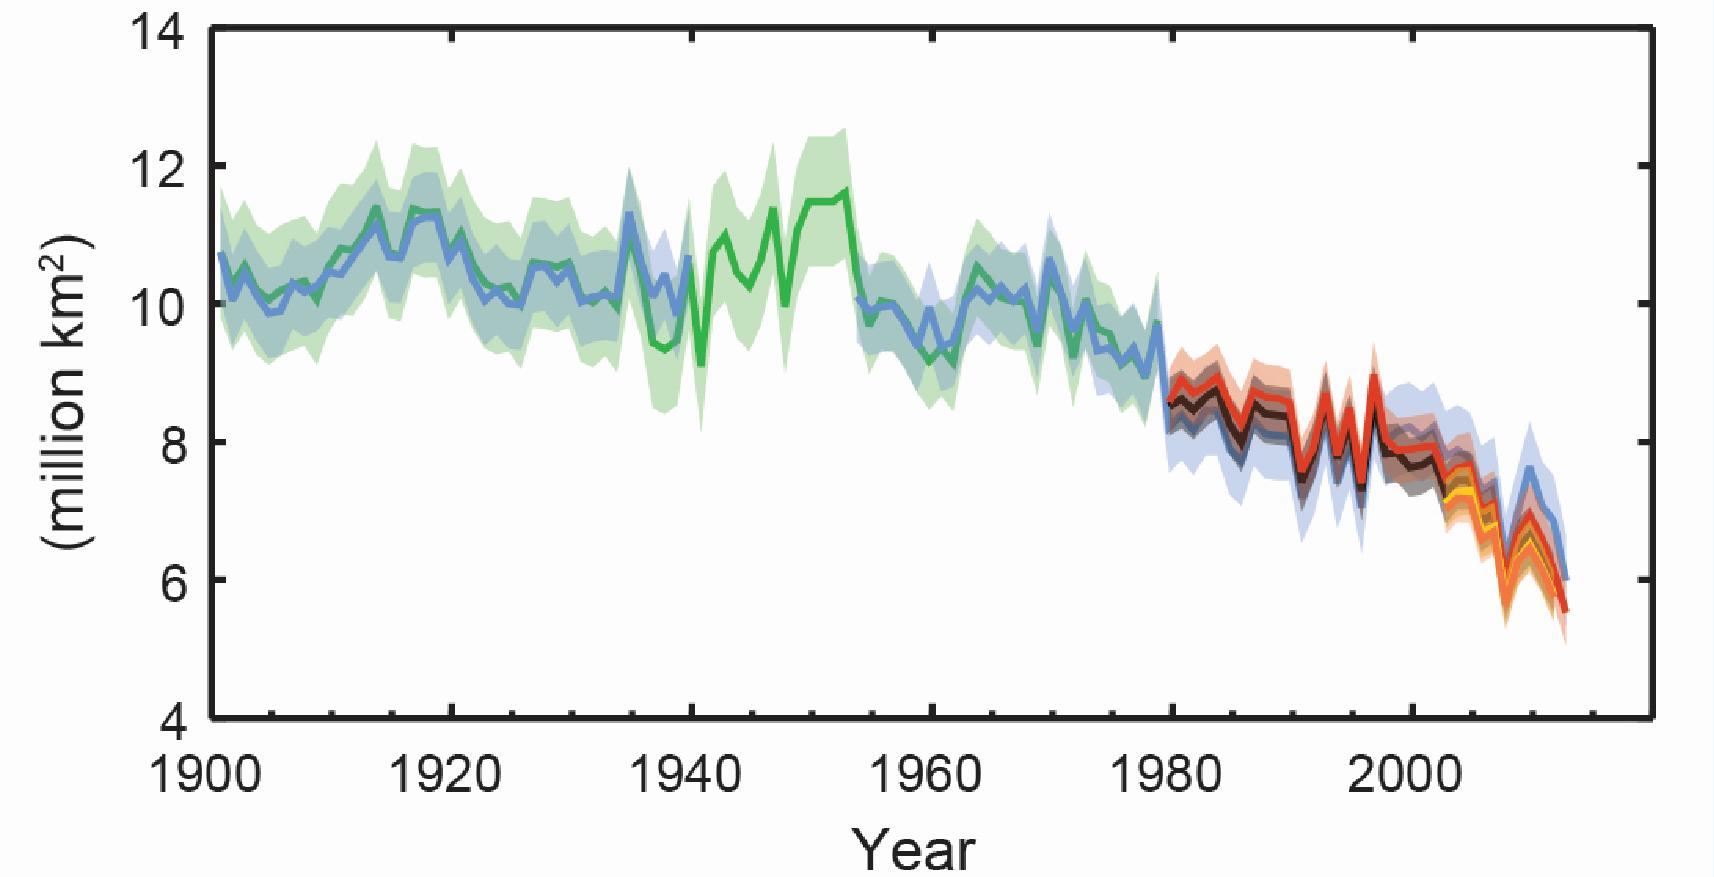 Kurvendiagramm: Die Kurve sinkt von gut 10 Millionen Quadratkilometer im Jahr 1990 auf unter 6 im Jahr 2013